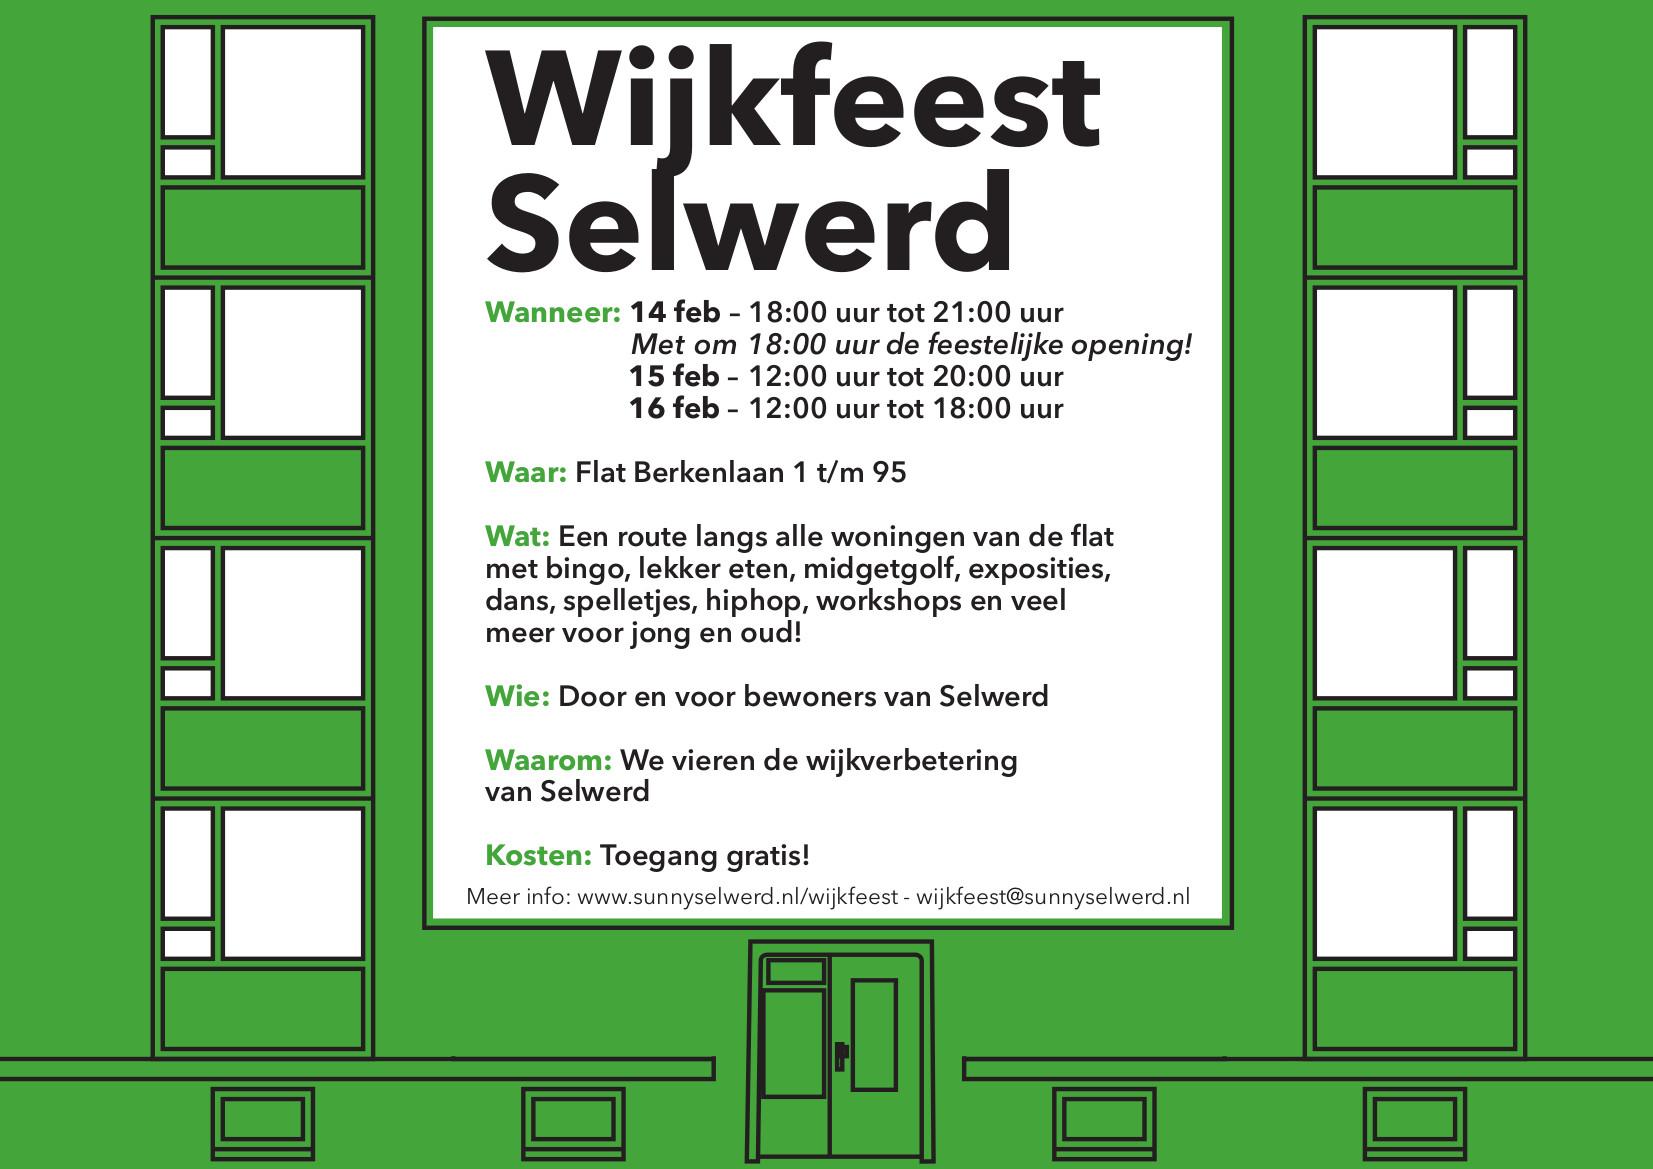 SuSe-wijkfeest poster V1